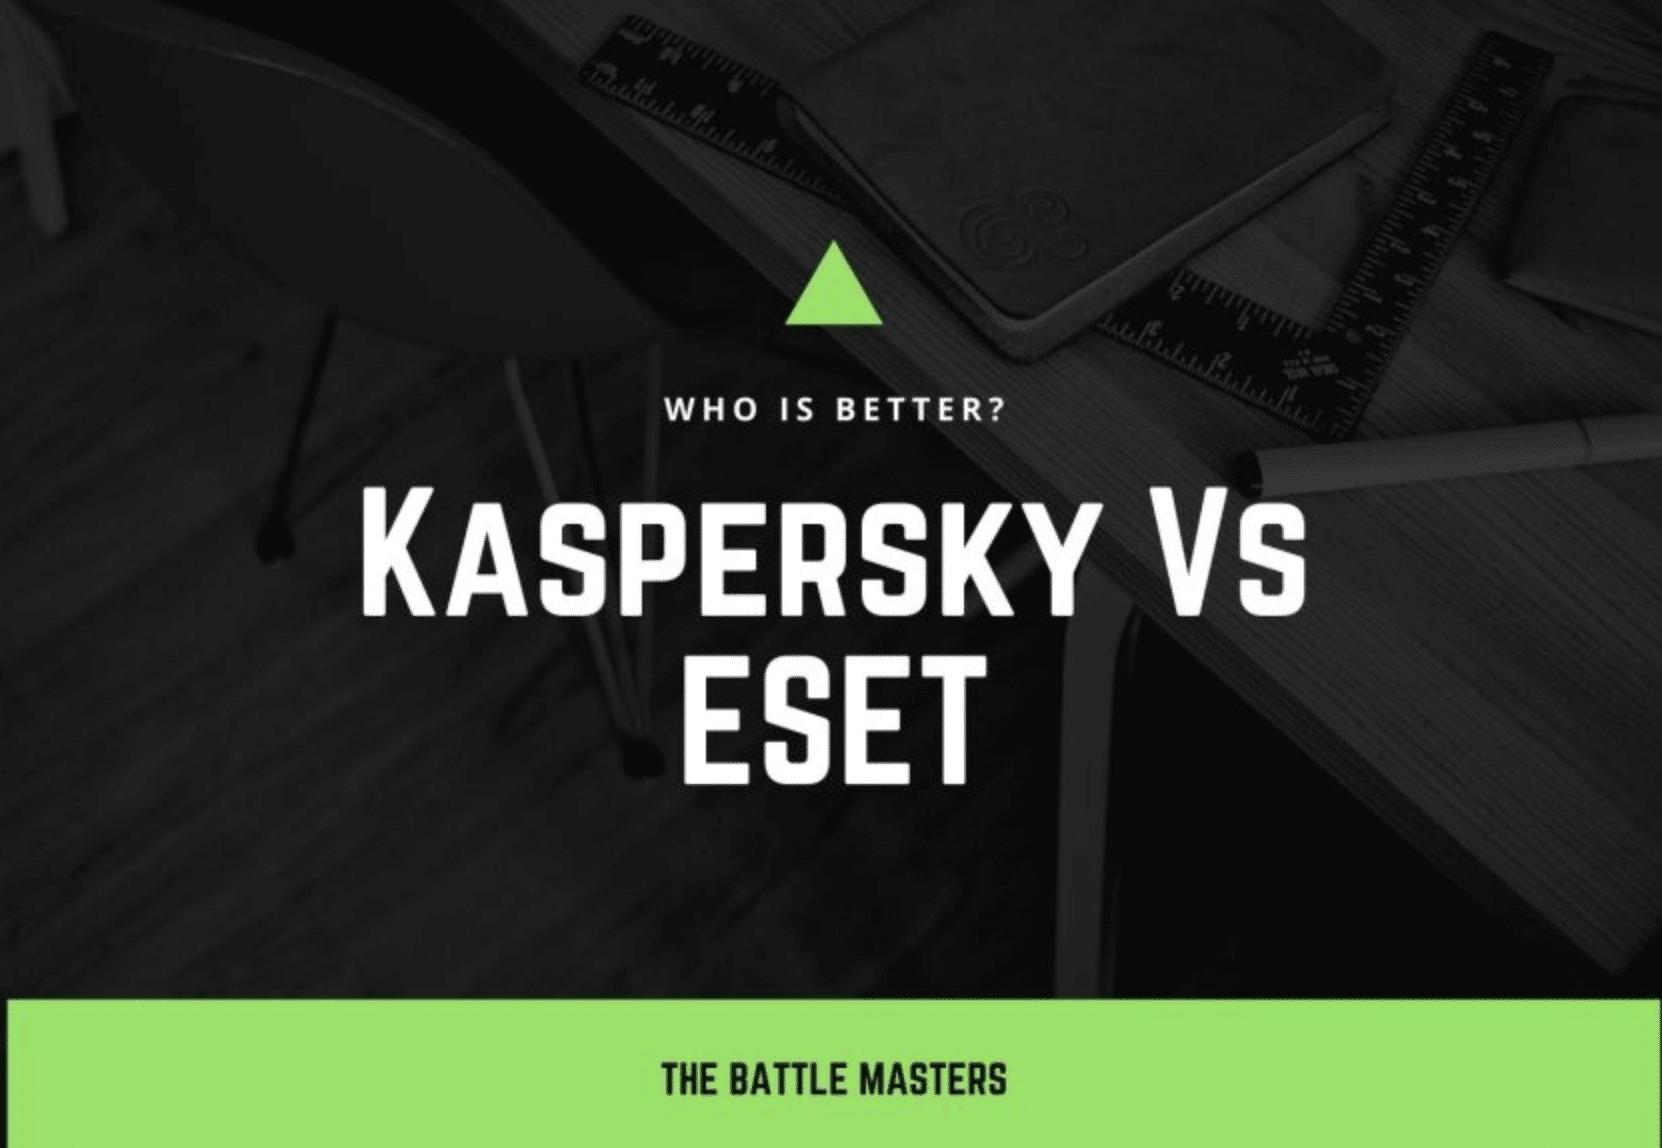 kaspersky vs eset